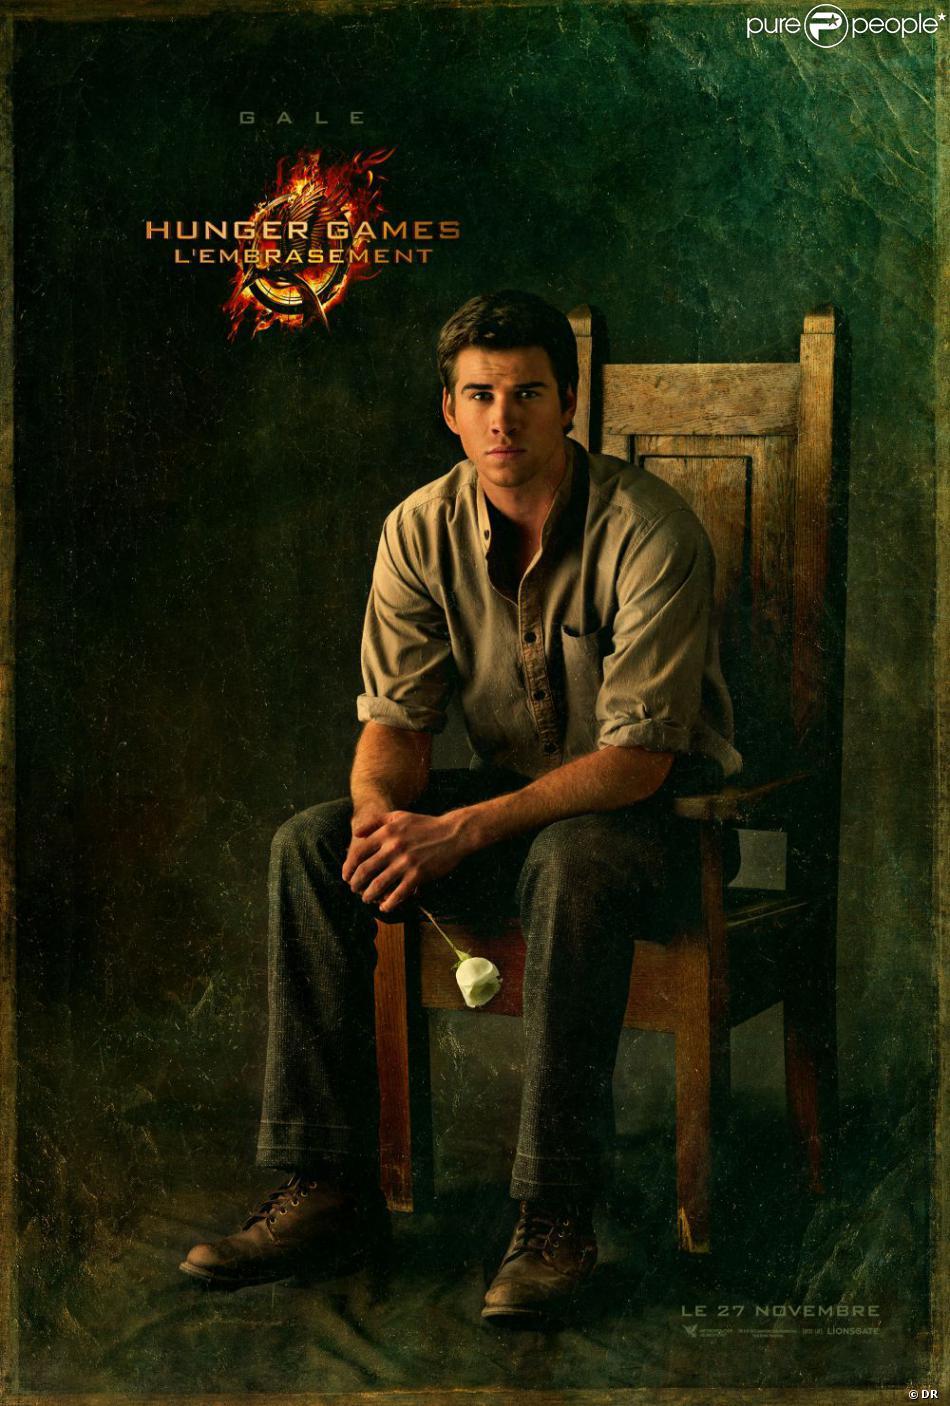 Affiche du film Hunger Games 2 - L'Embrasement avec Gale, incarné par Liam Hemsworth